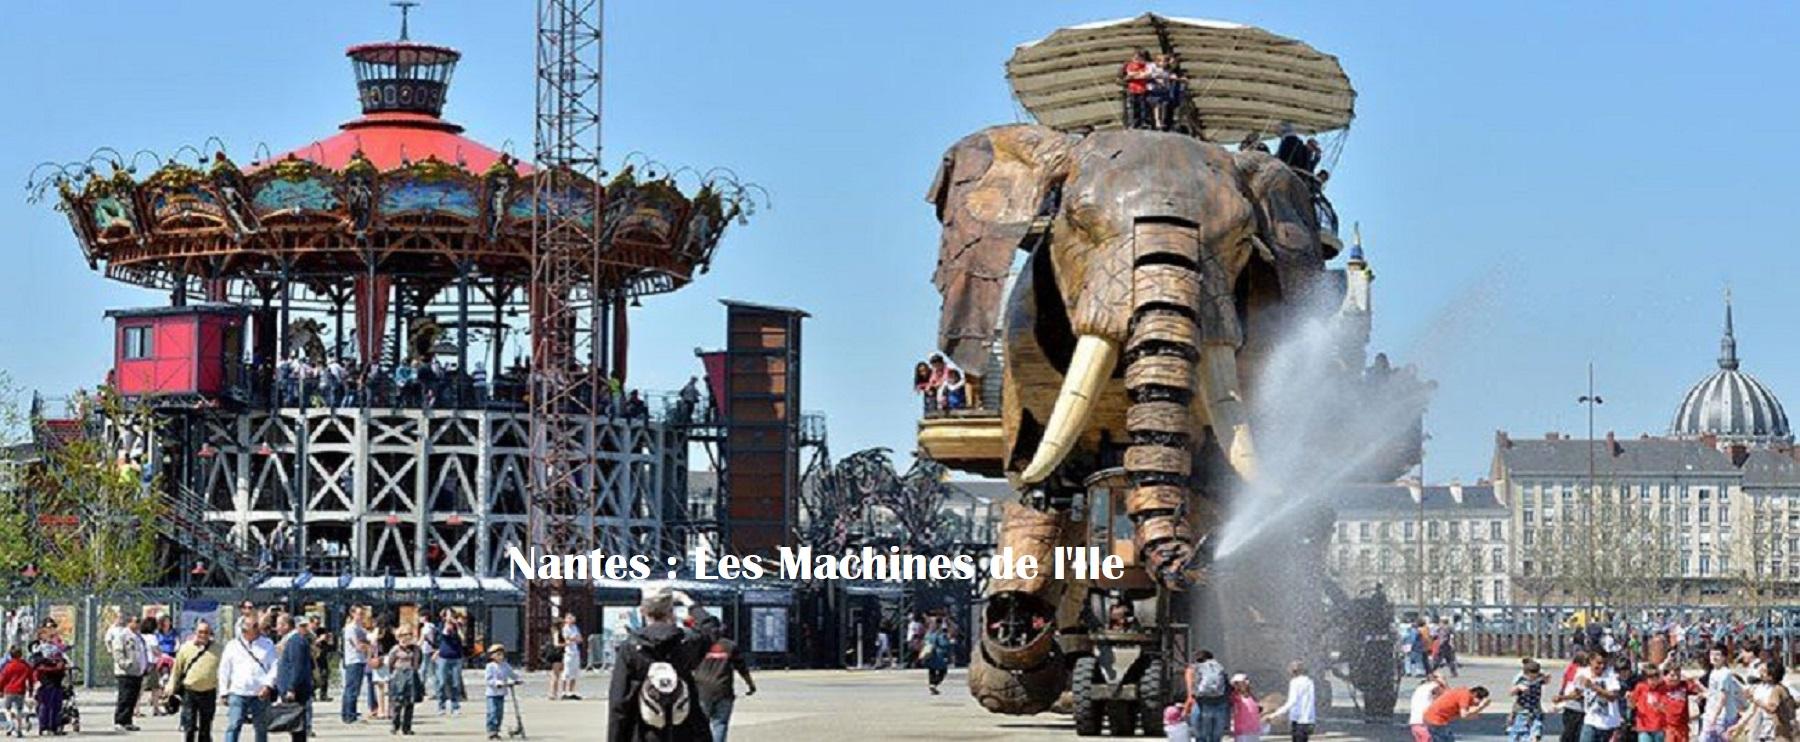 Nantes Machine-A